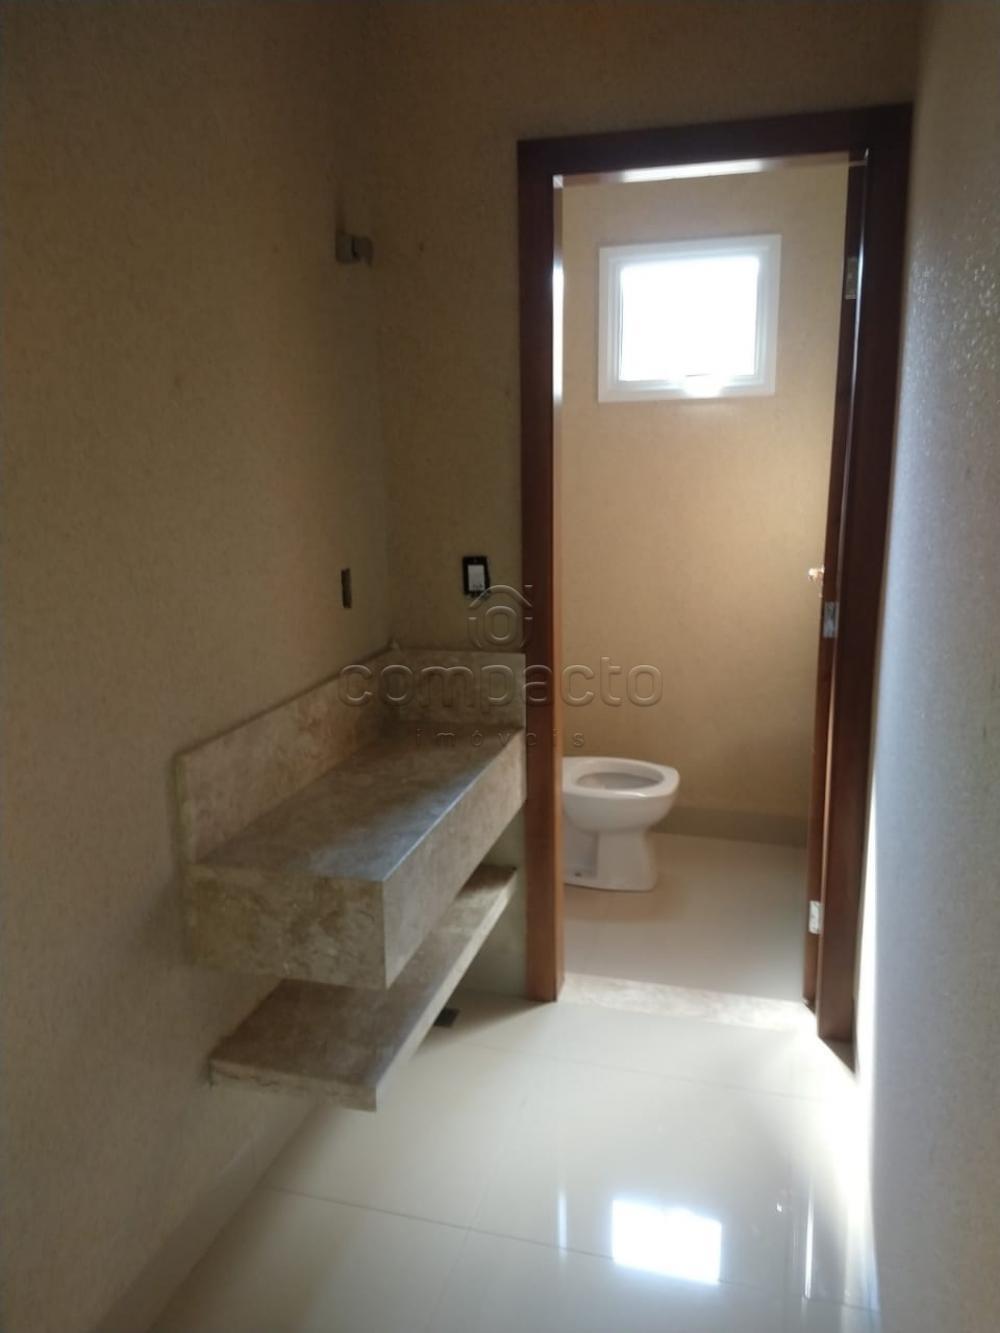 Comprar Casa / Condomínio em Mirassol apenas R$ 800.000,00 - Foto 8